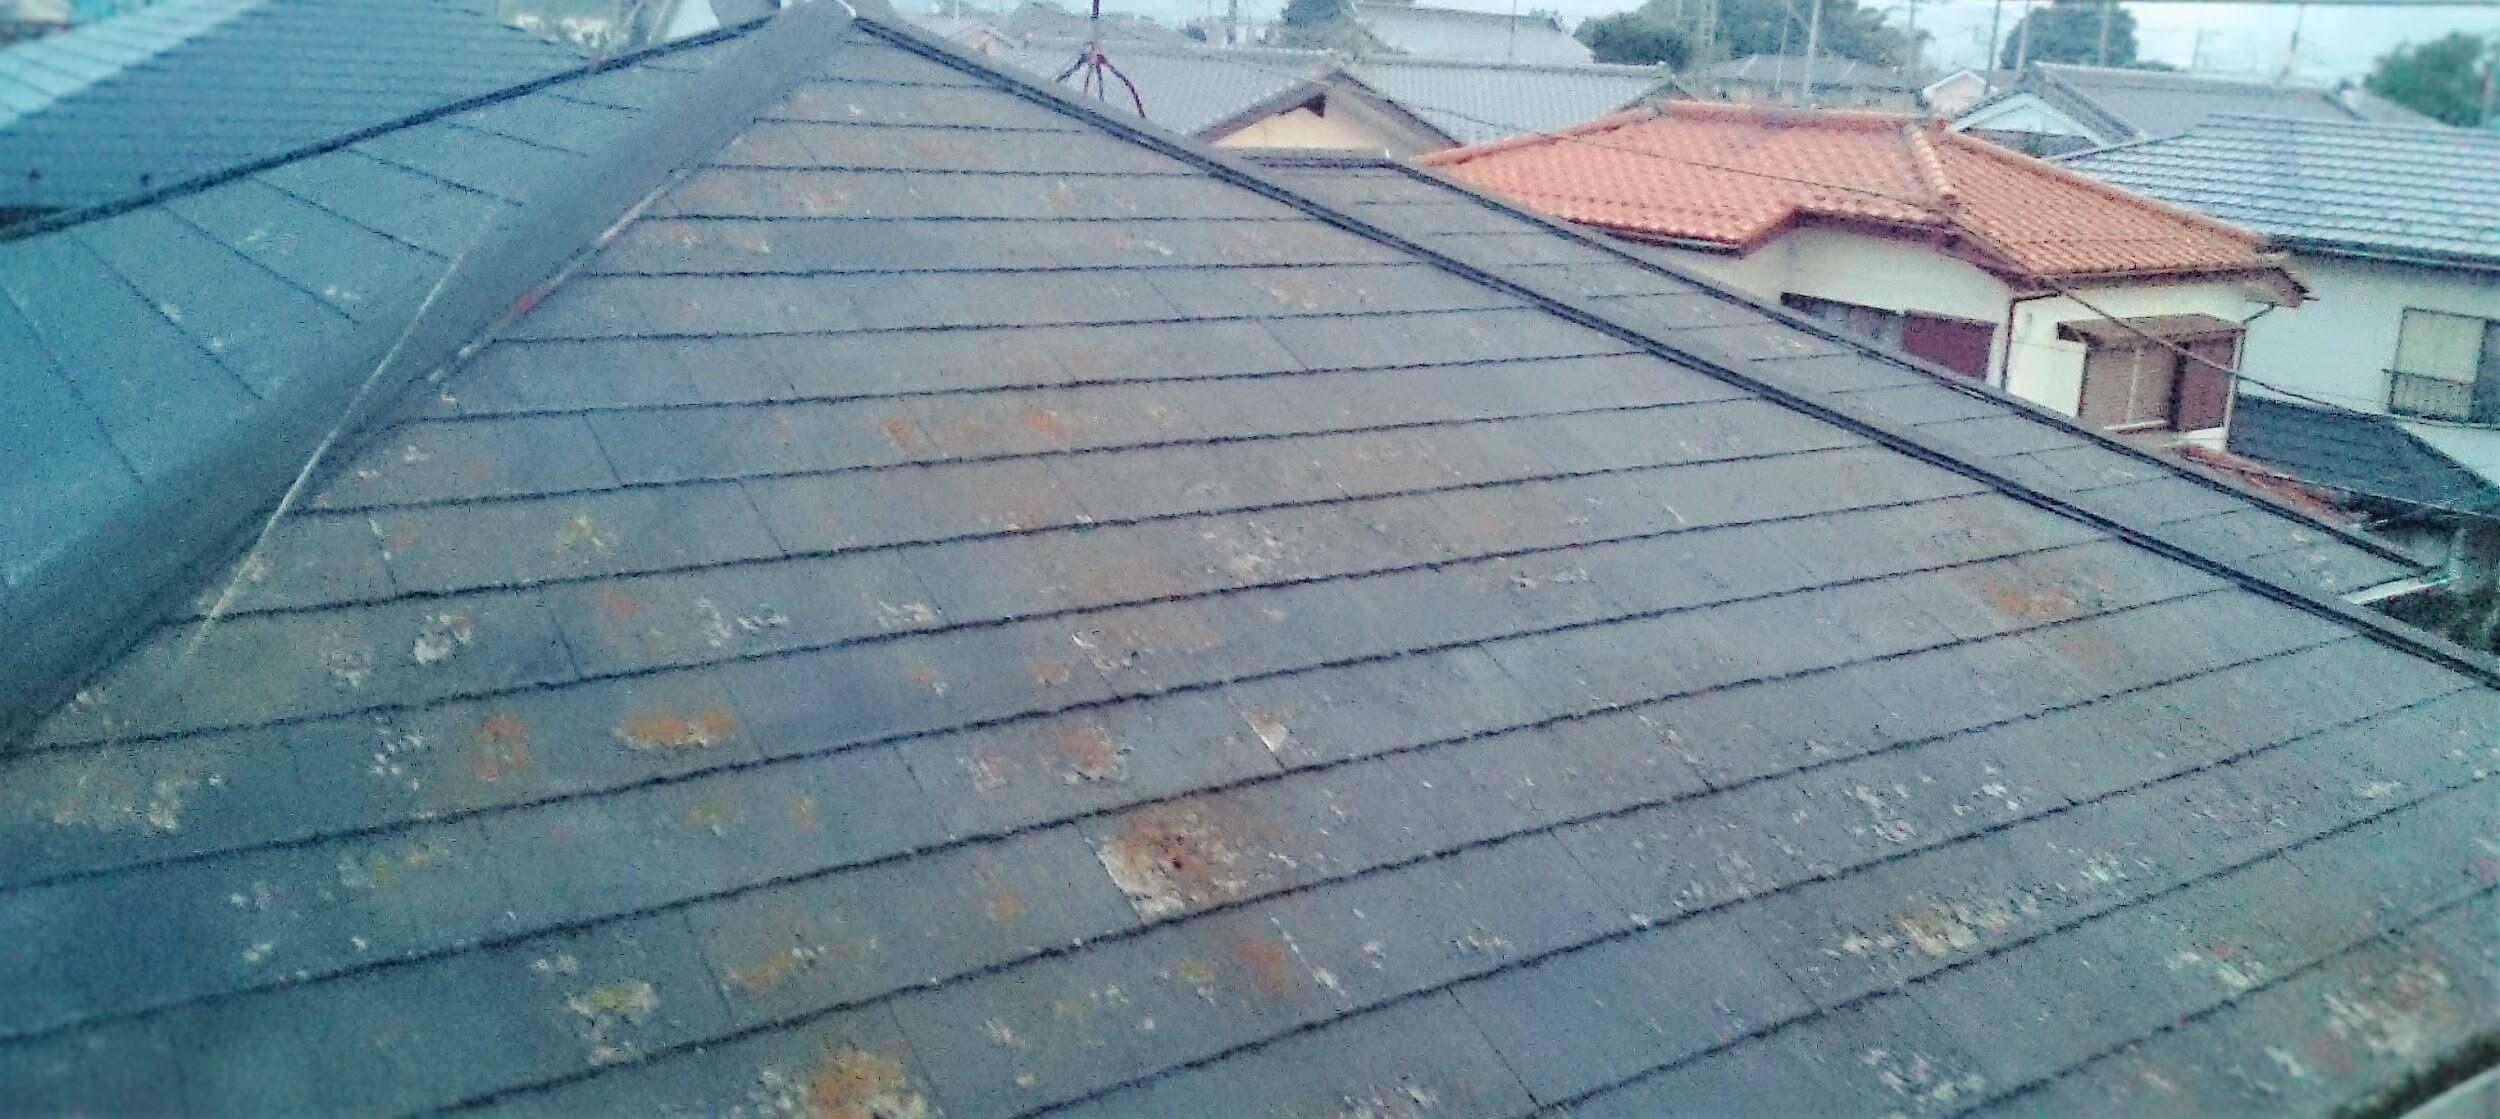 最も多い屋根の発生原因